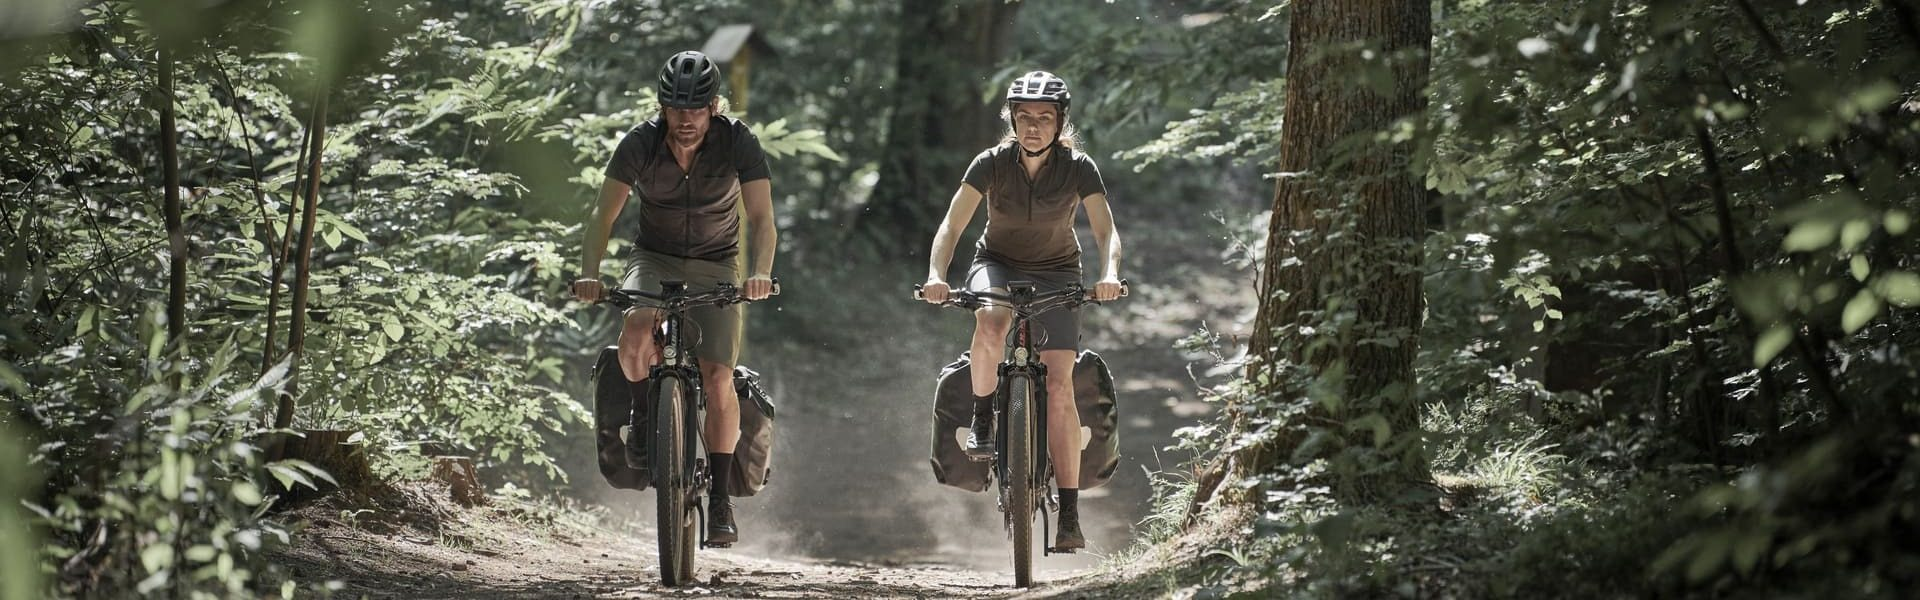 Radtour auf XXL e-Bike